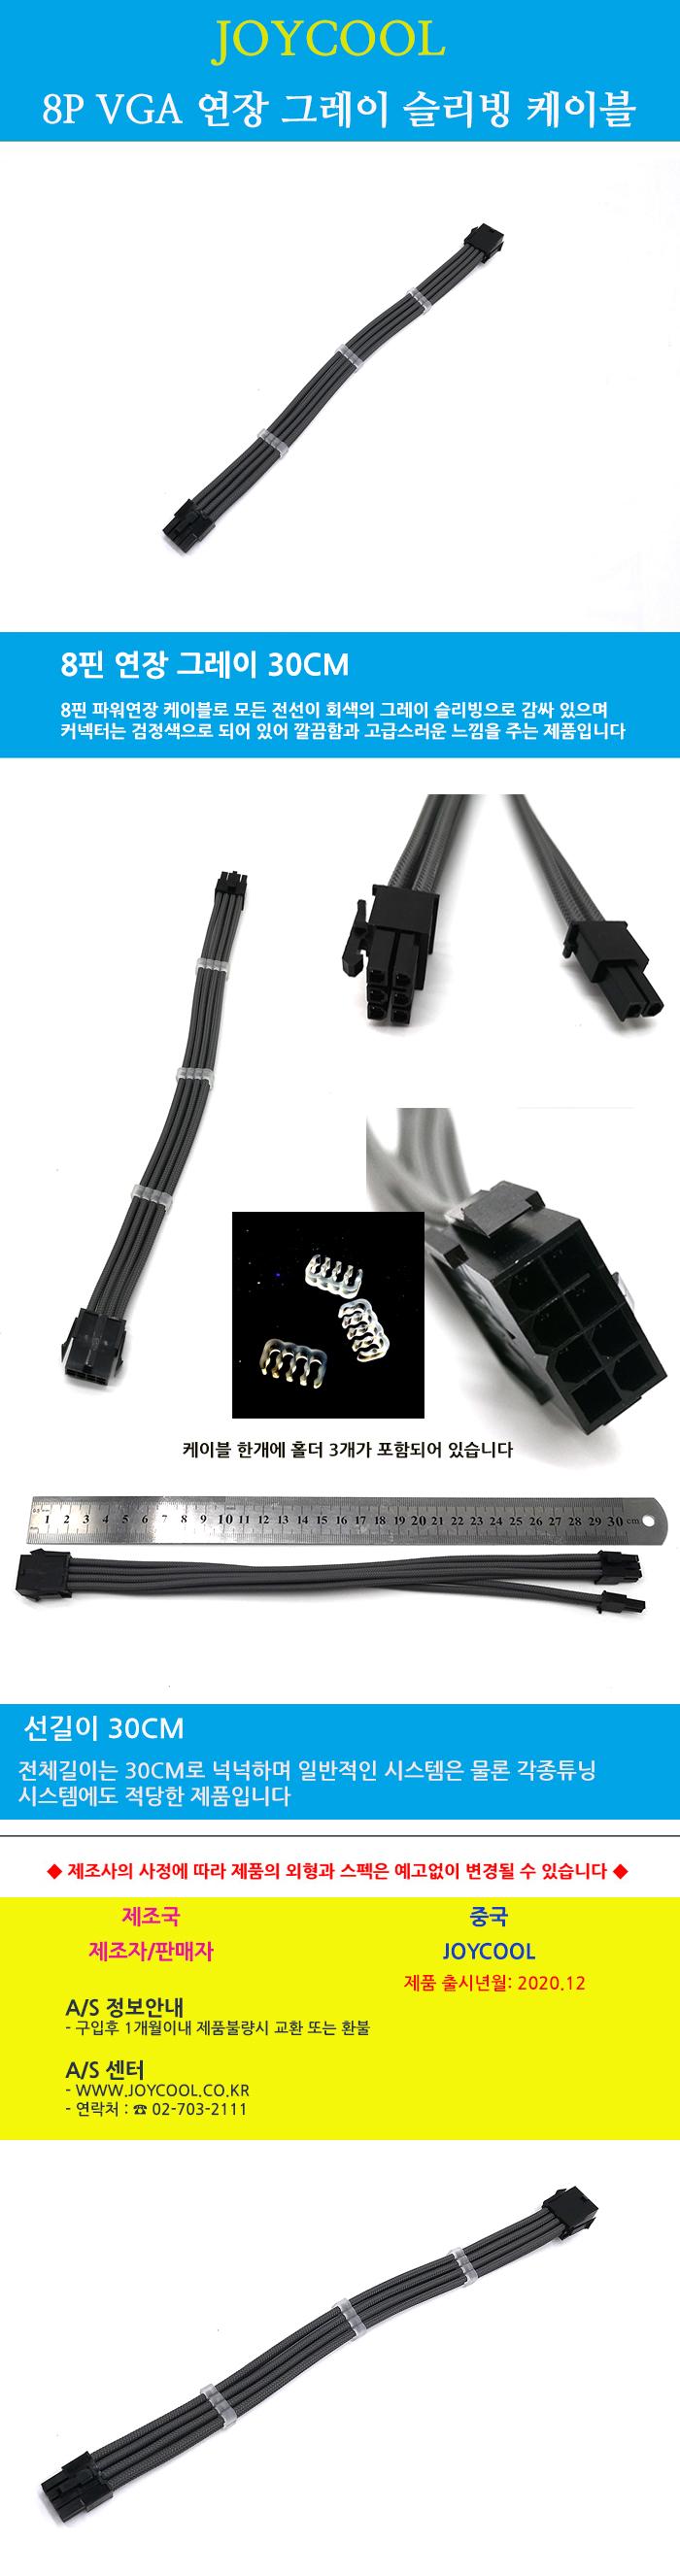 조이쿨 조이쿨 VGA 8핀 연장 슬리빙 케이블 (그레이, 0.3m)